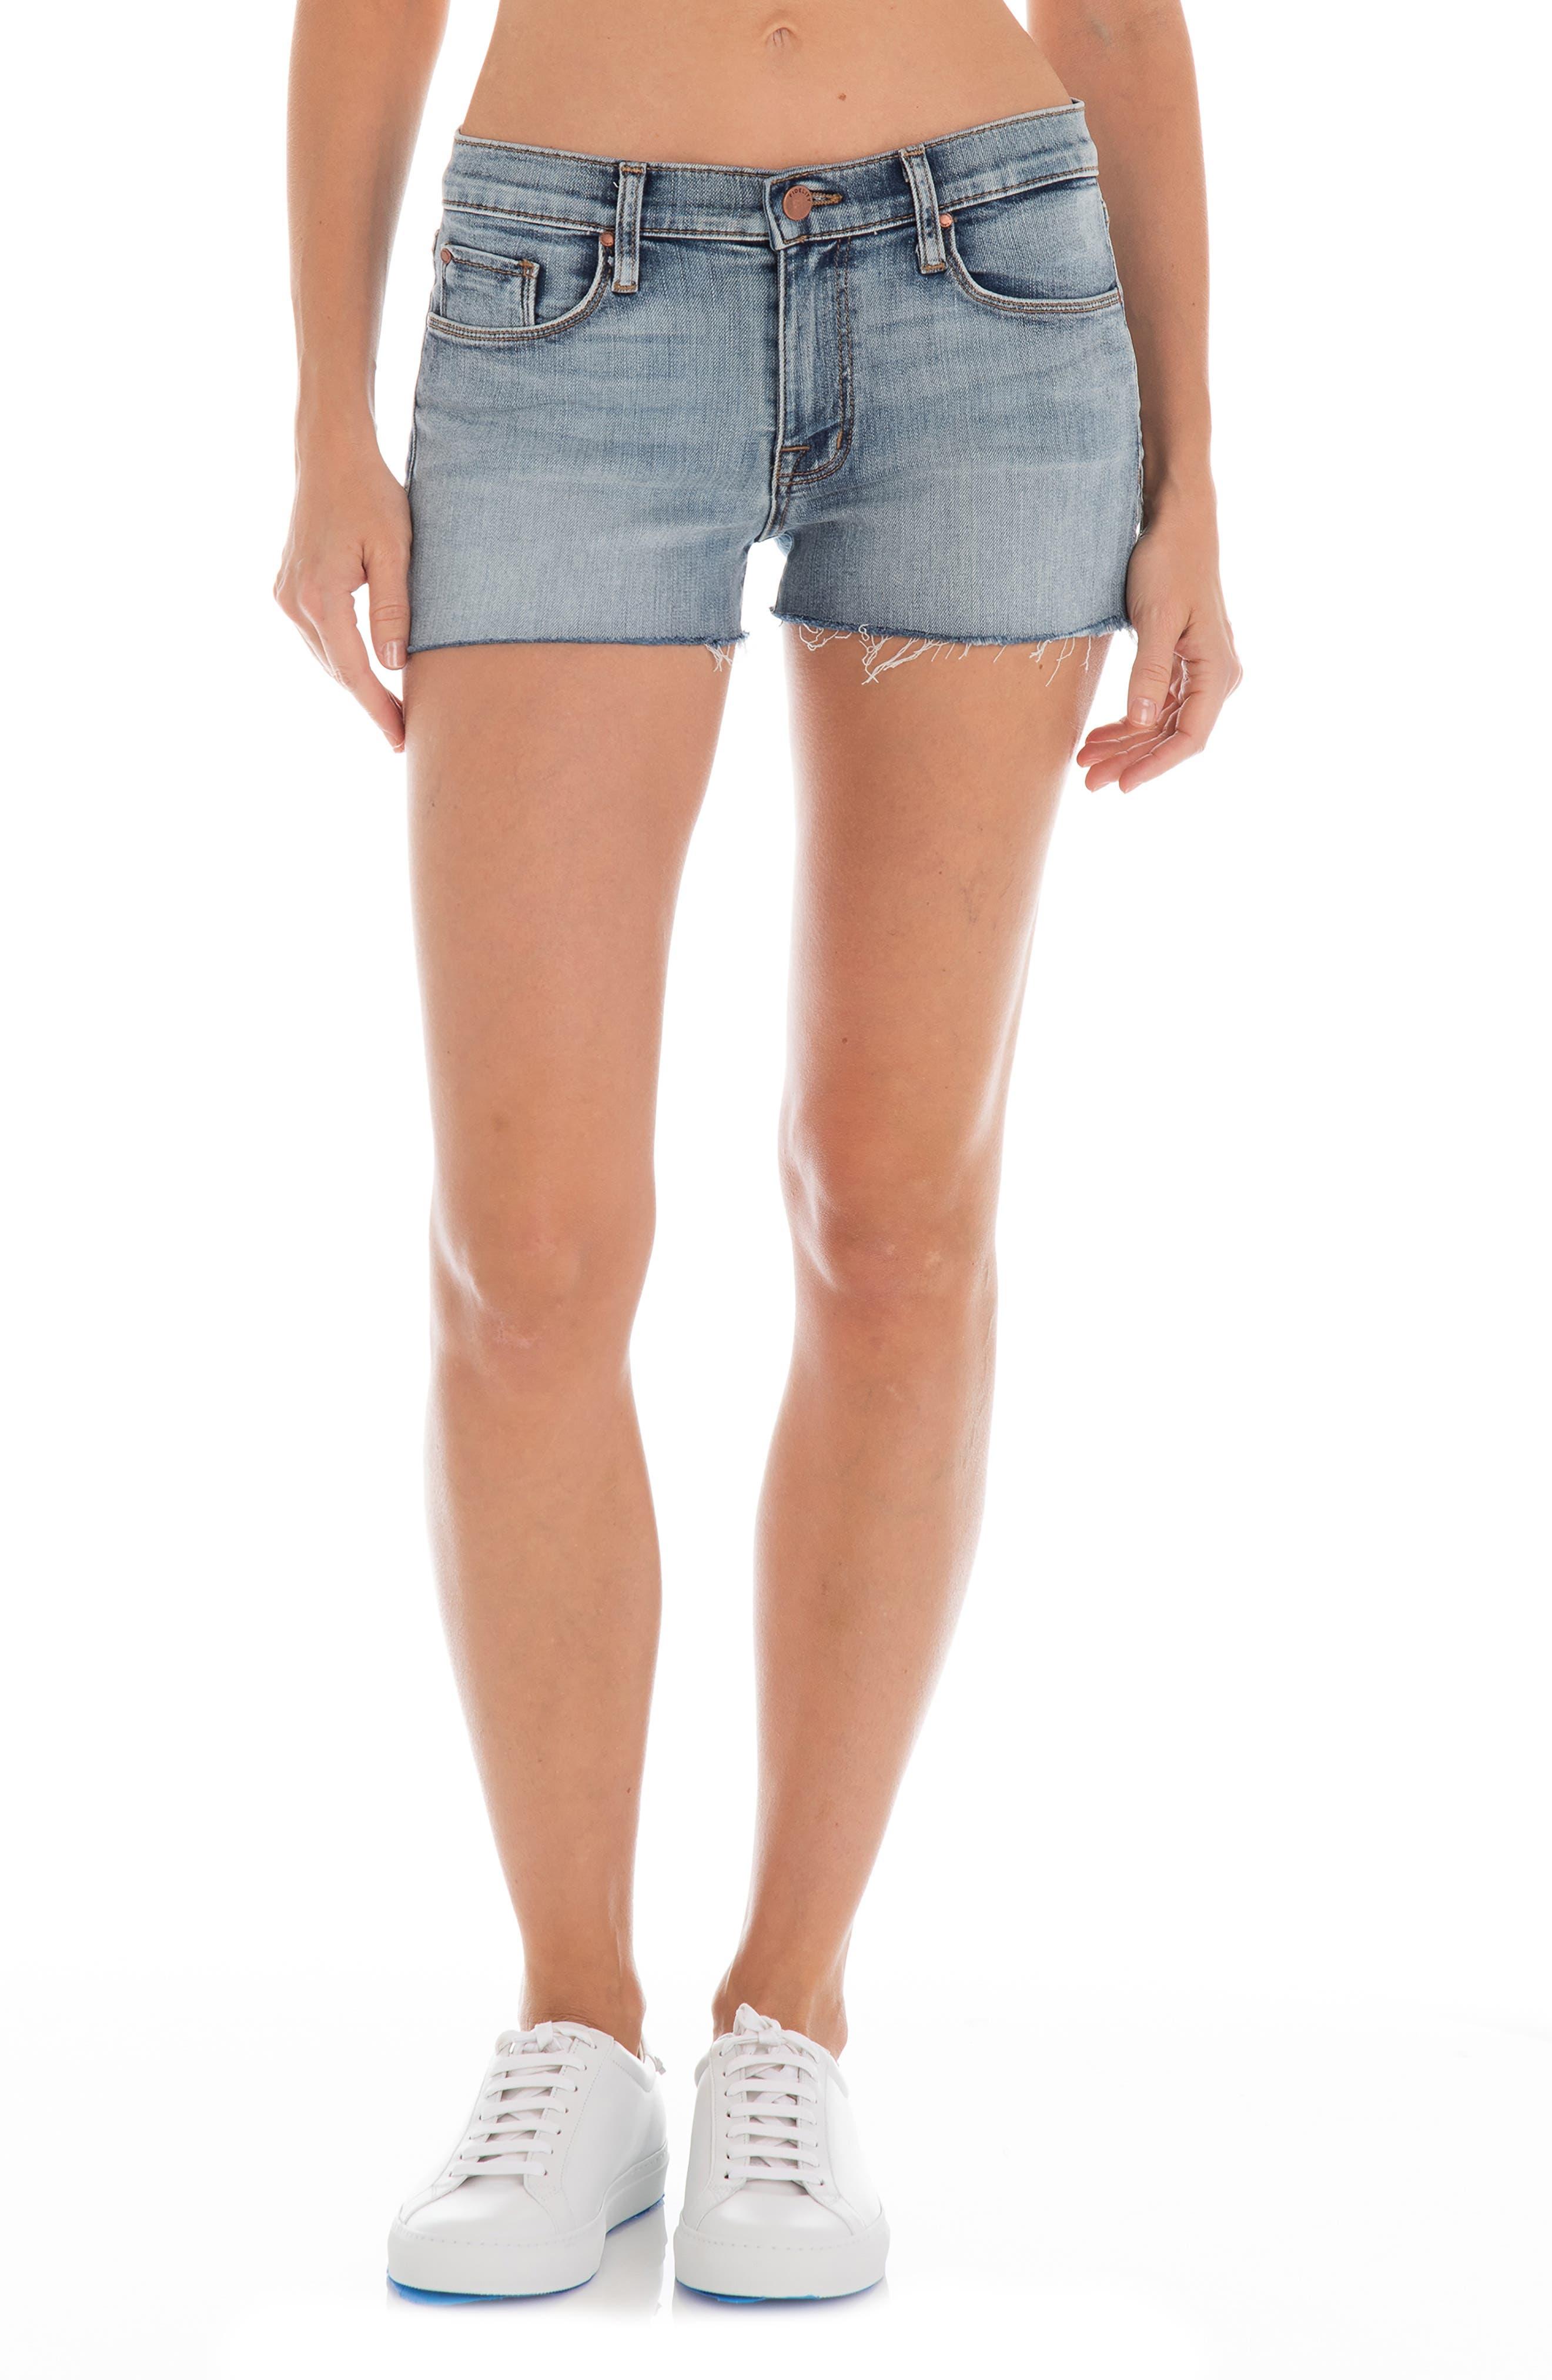 Women's Fidelity Rocco Cutoff Denim Shorts